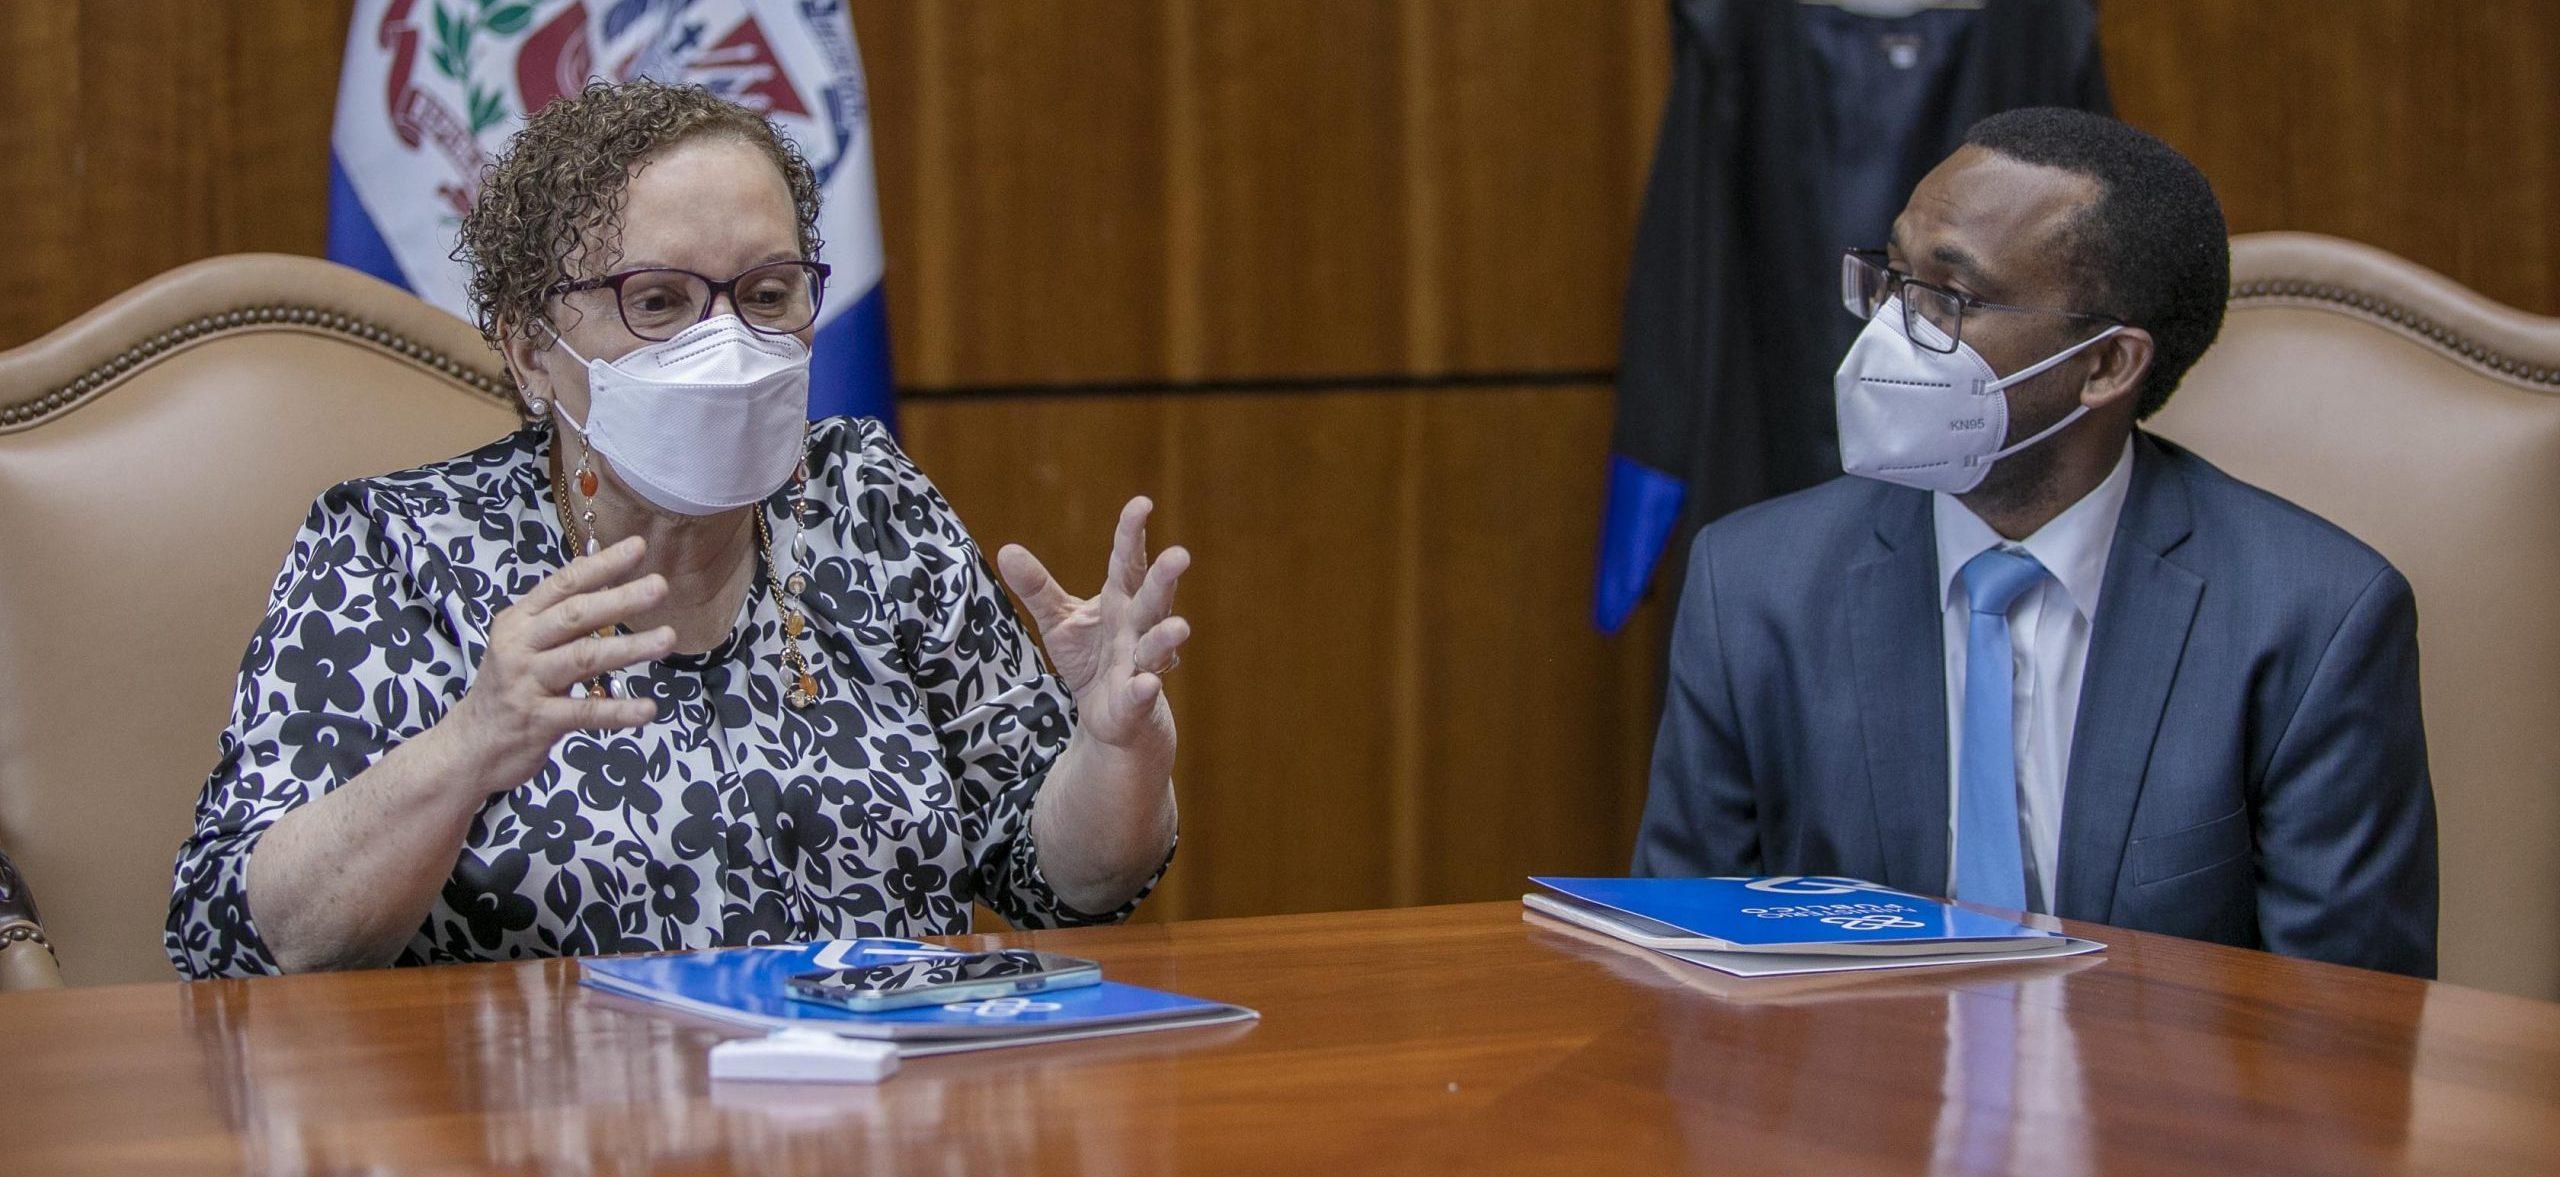 La magistrada Miriam Germán Brito se reúne con fiscales que trabajan la Operación Falcón